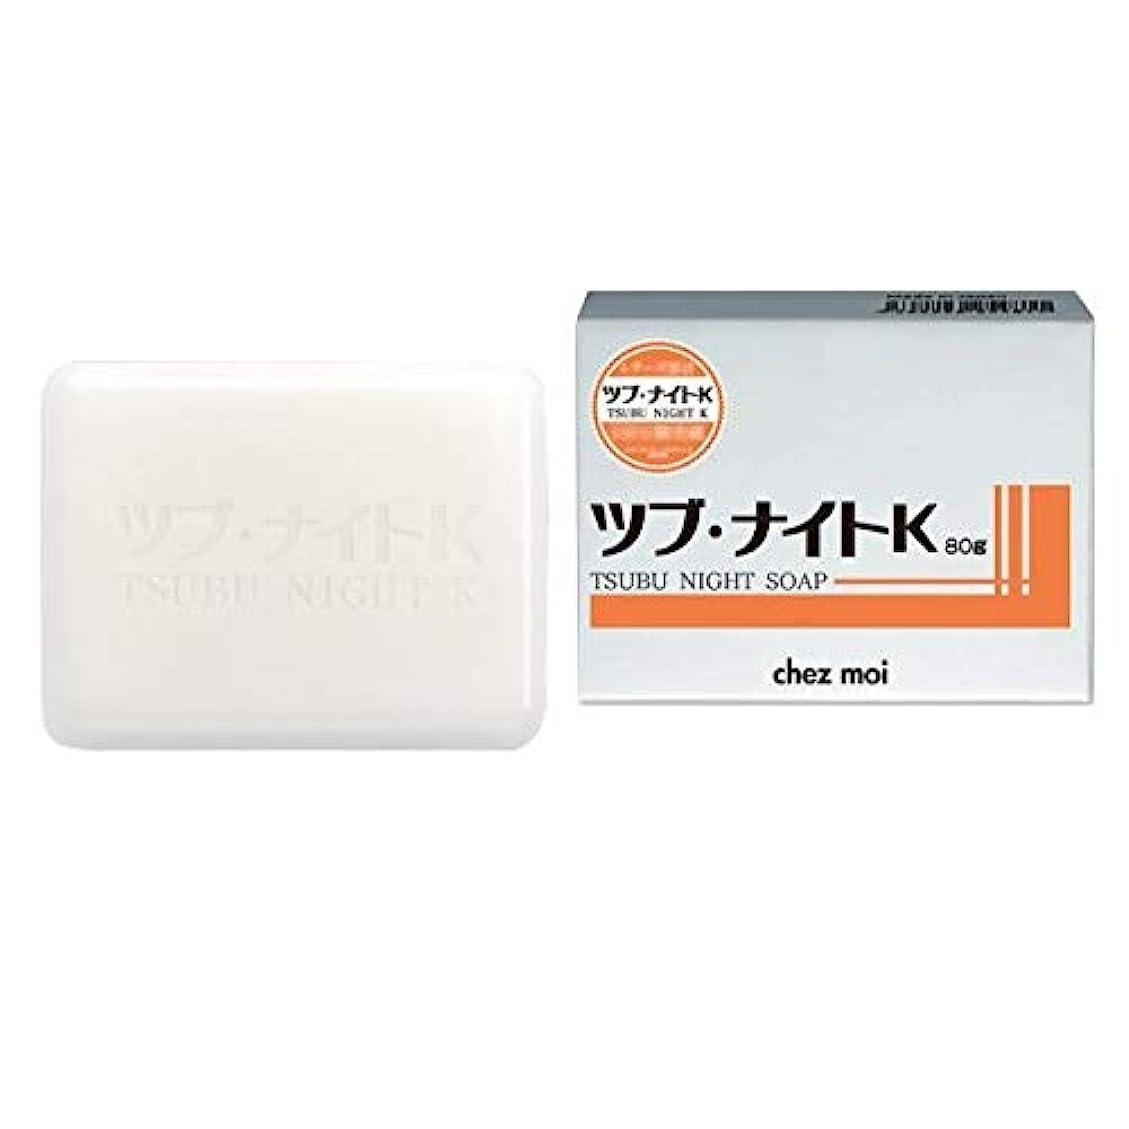 オレンジ副真似るツブ?ナイトK ソープ(化粧石鹸) 80g